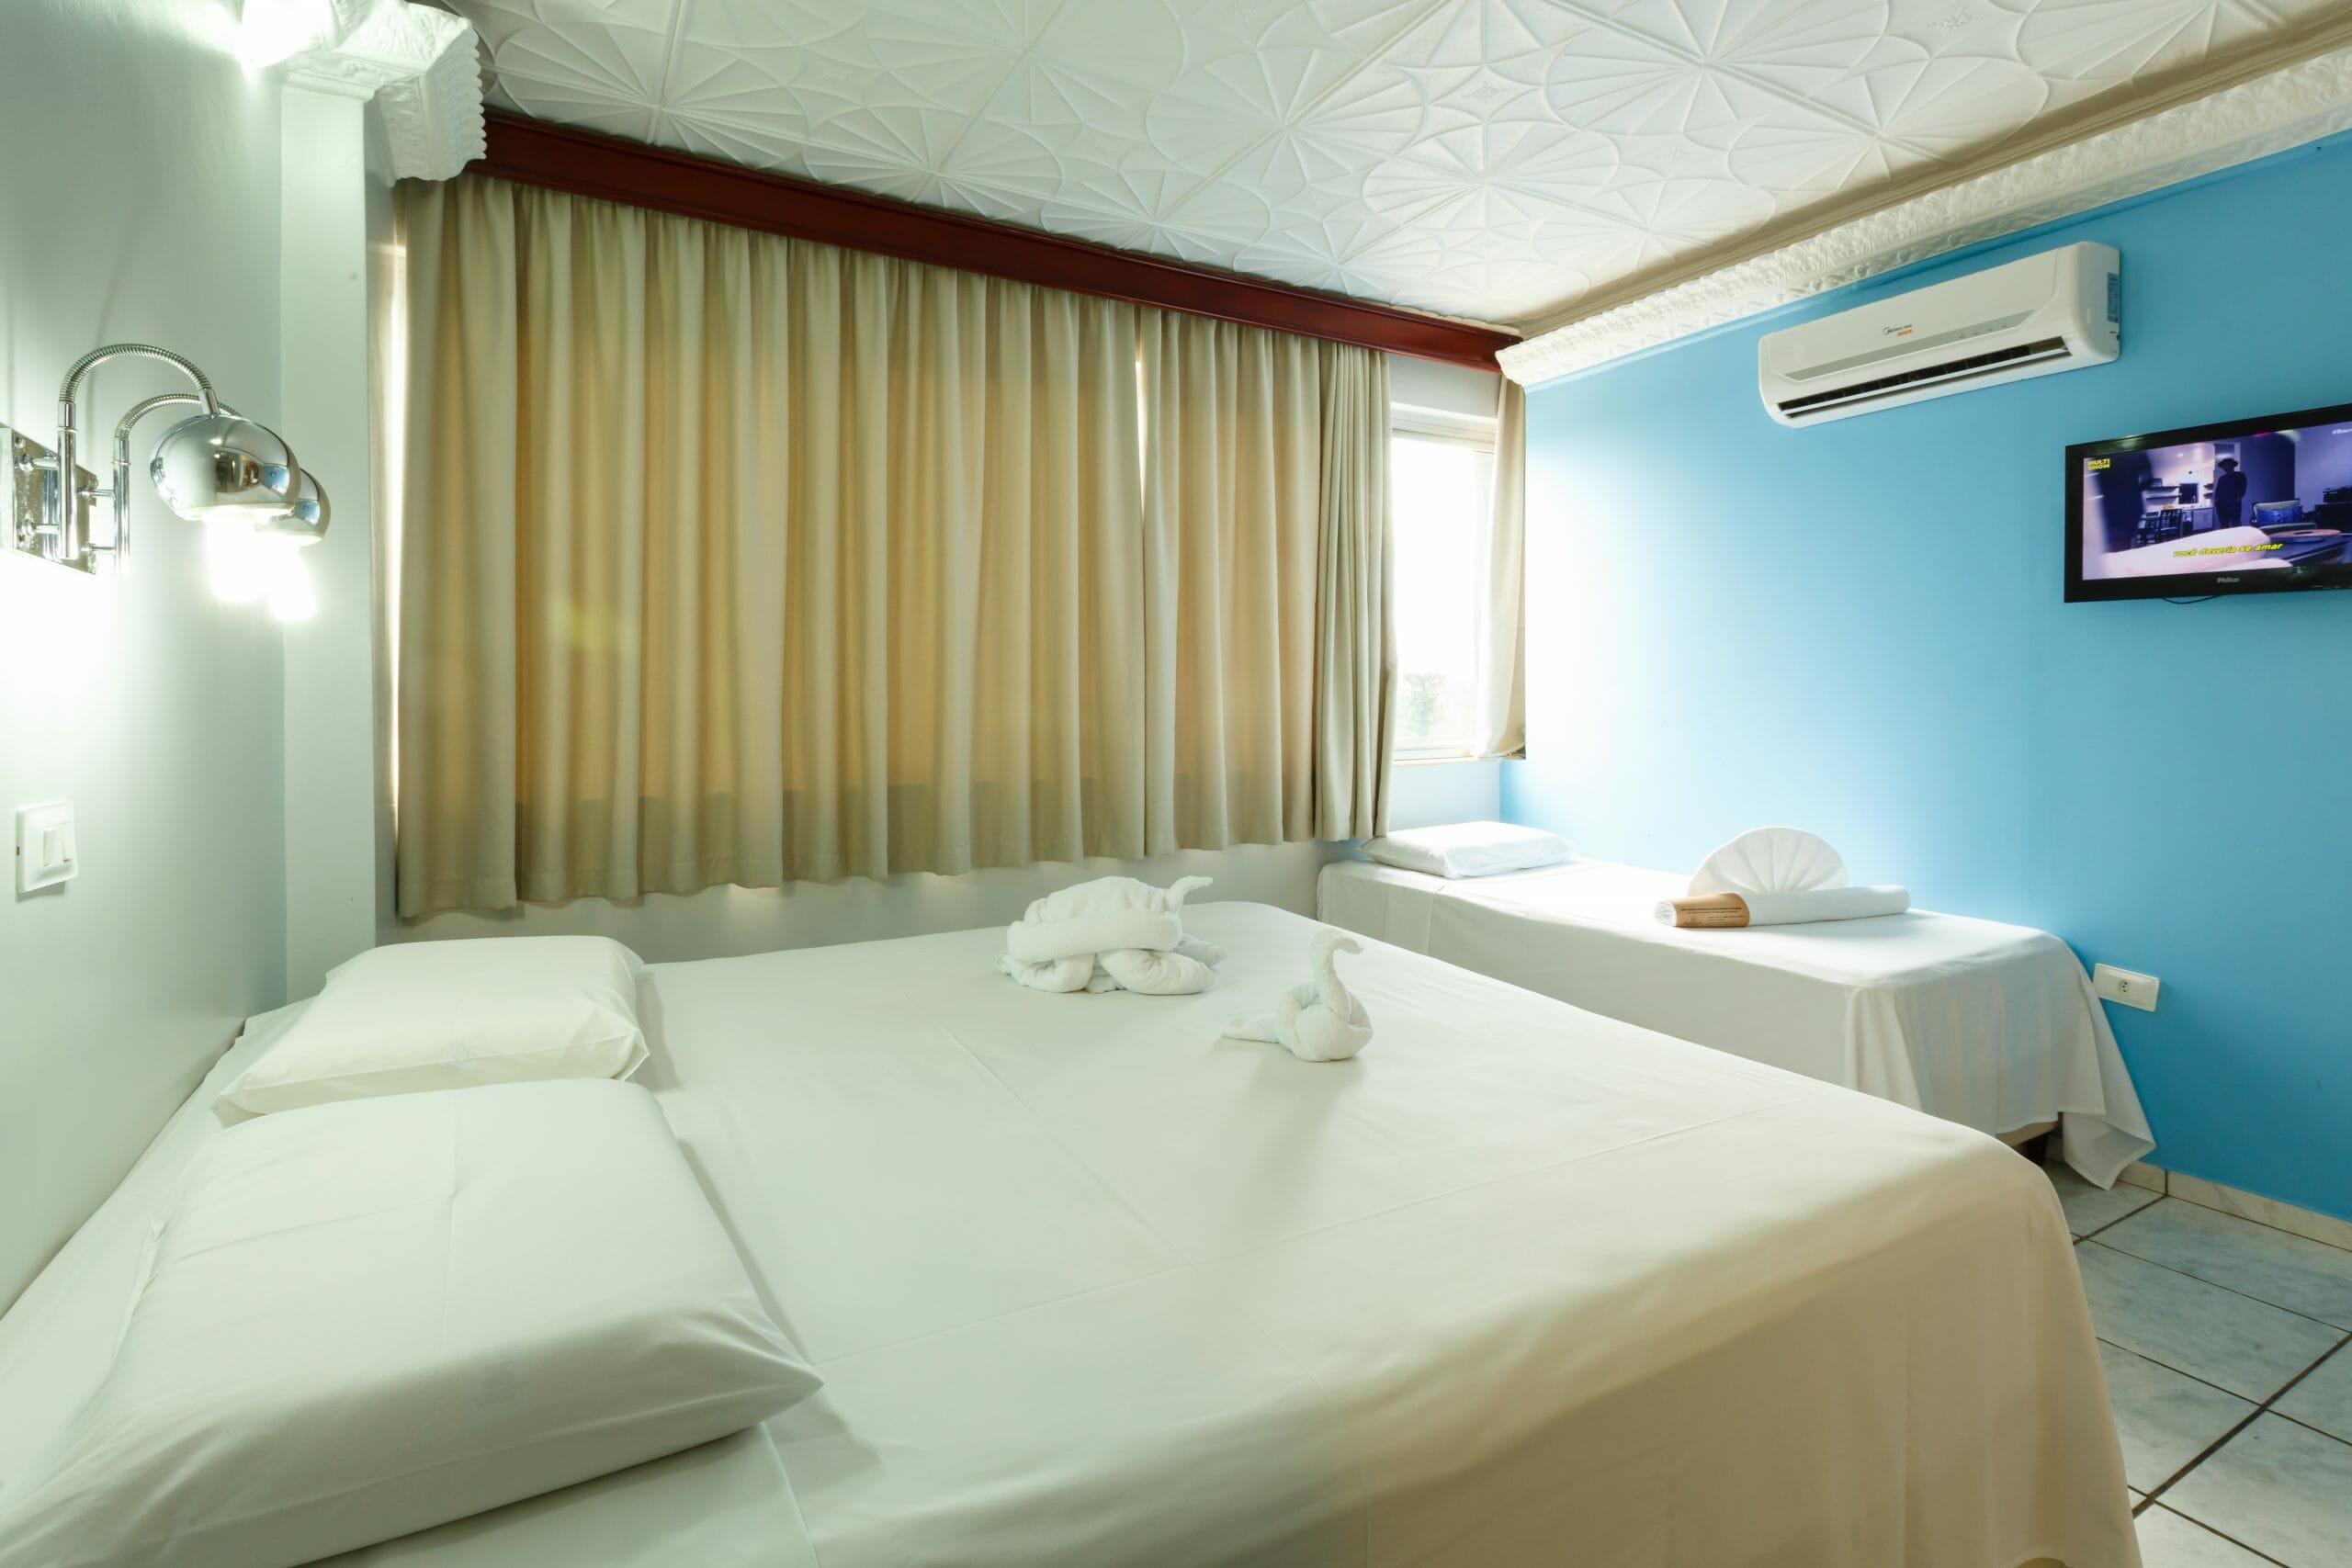 Procurando por hotel no centro de Foz do Iguaçu? O Mirante Hotel é a sua melhor opção! apartamento de casal + 1